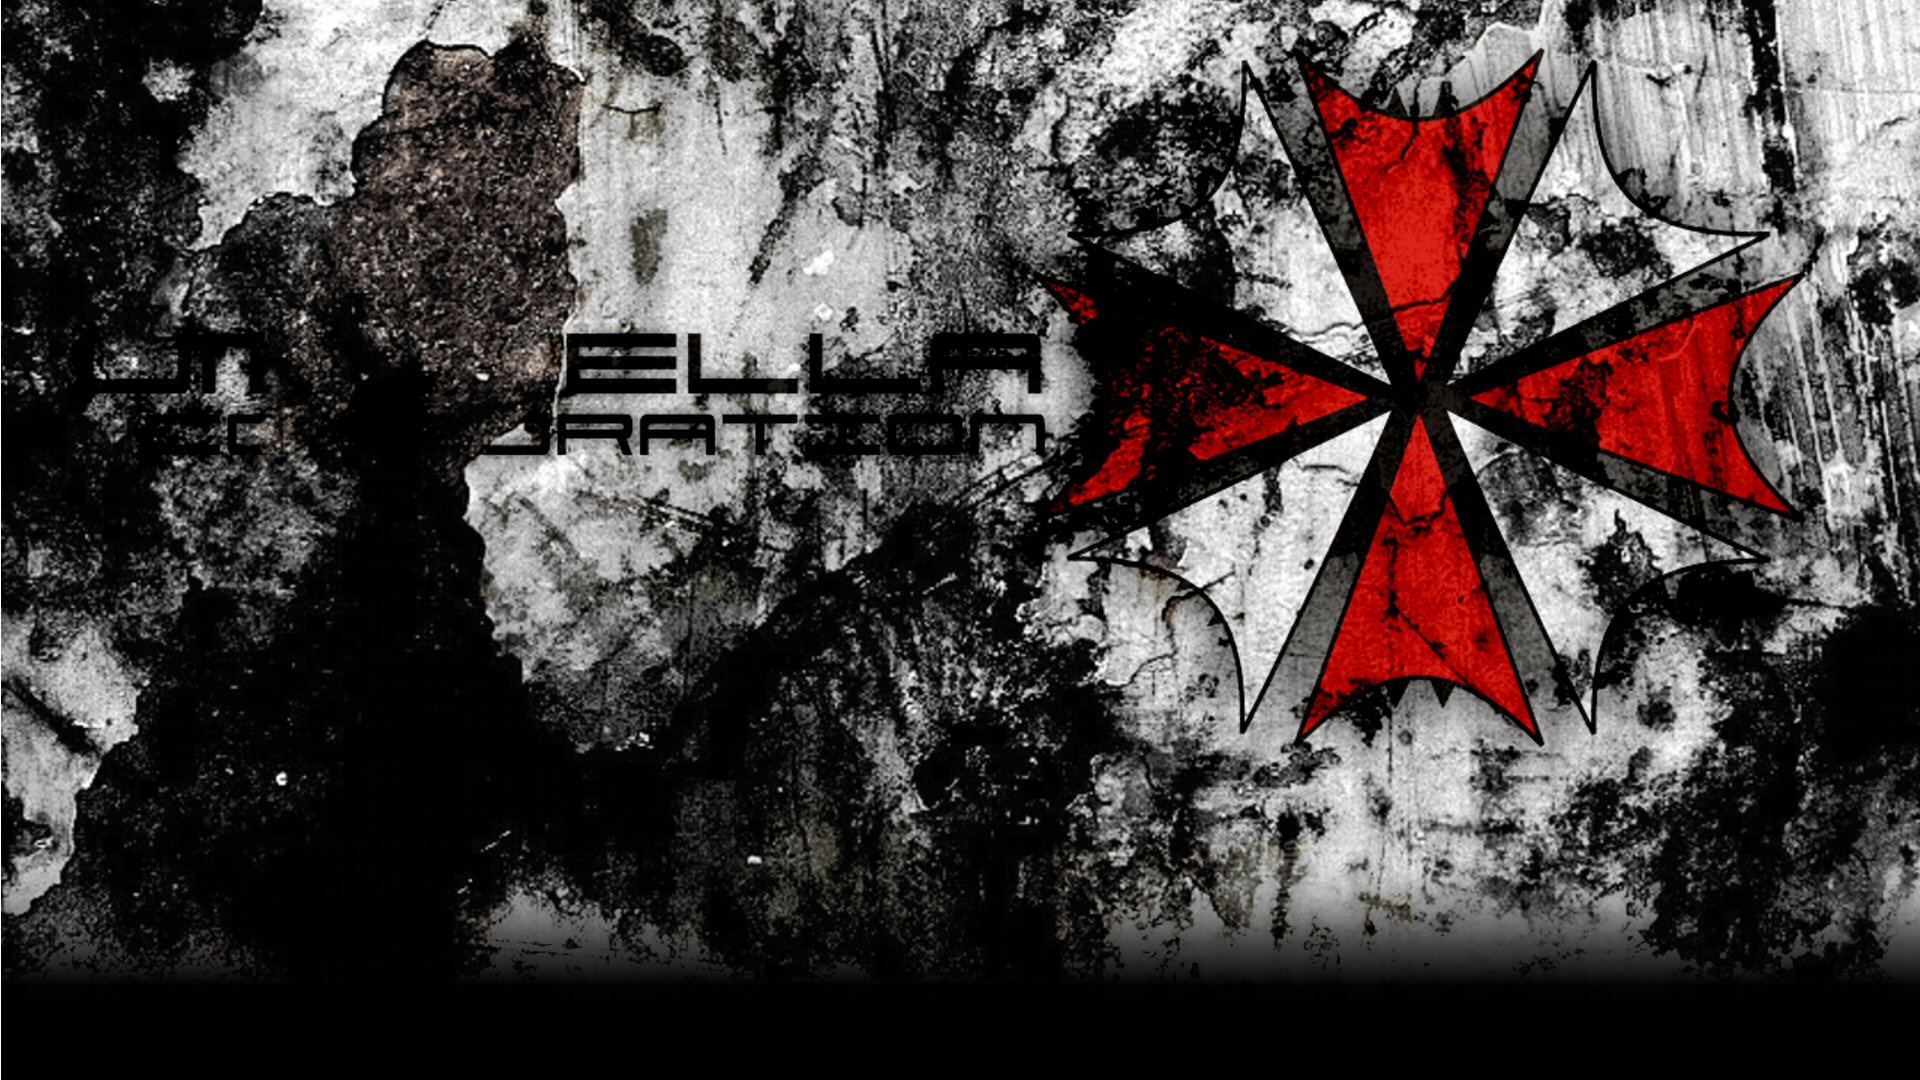 umbrella resident evil wallpaper hd